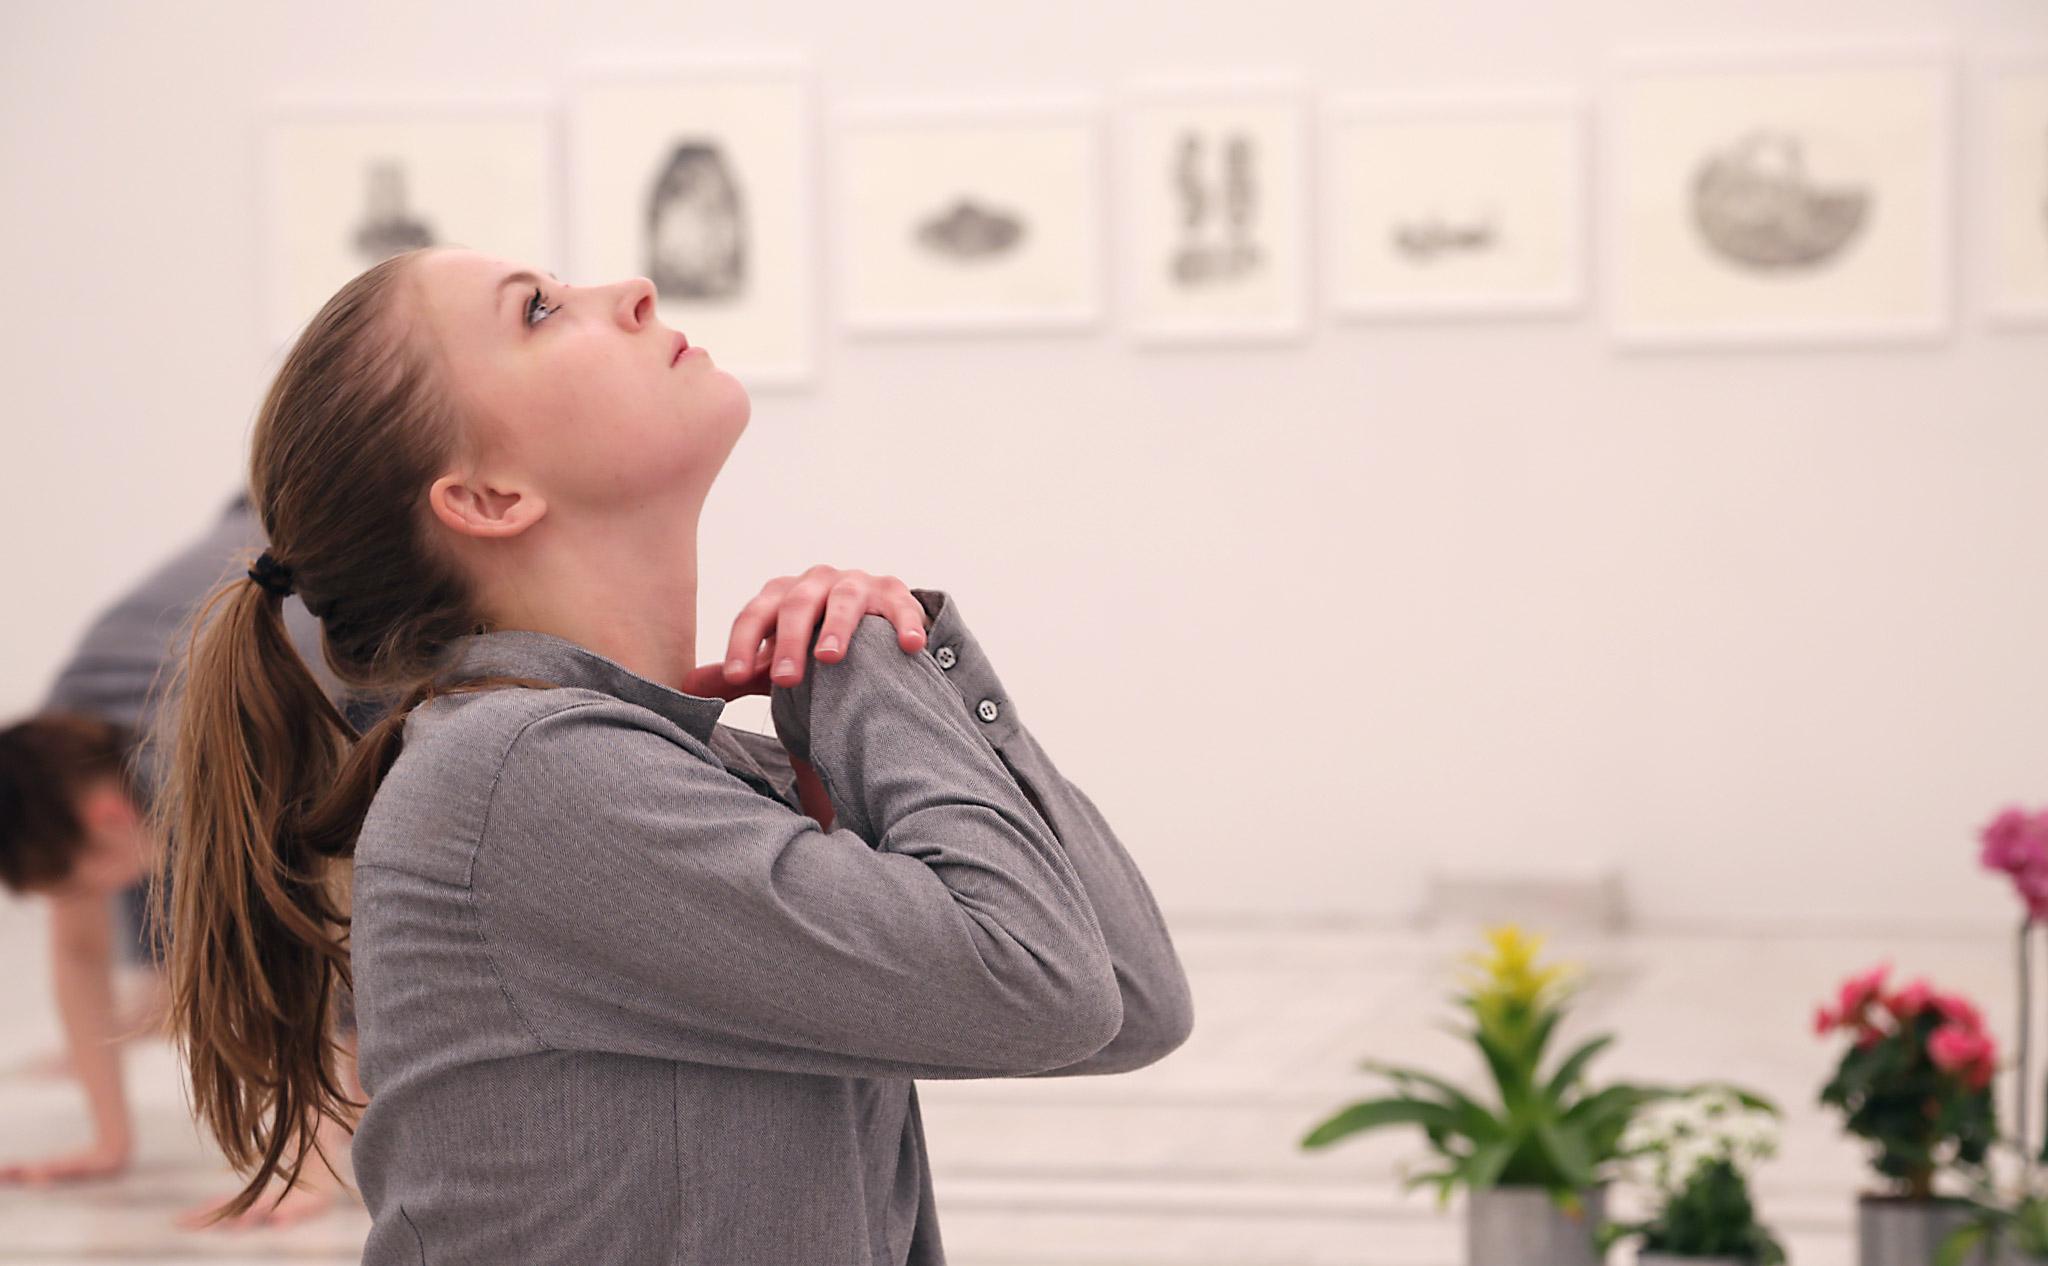 En dansare sitter på golvet och tittar upp i taket. Händerna nästan i en bön under hakan.